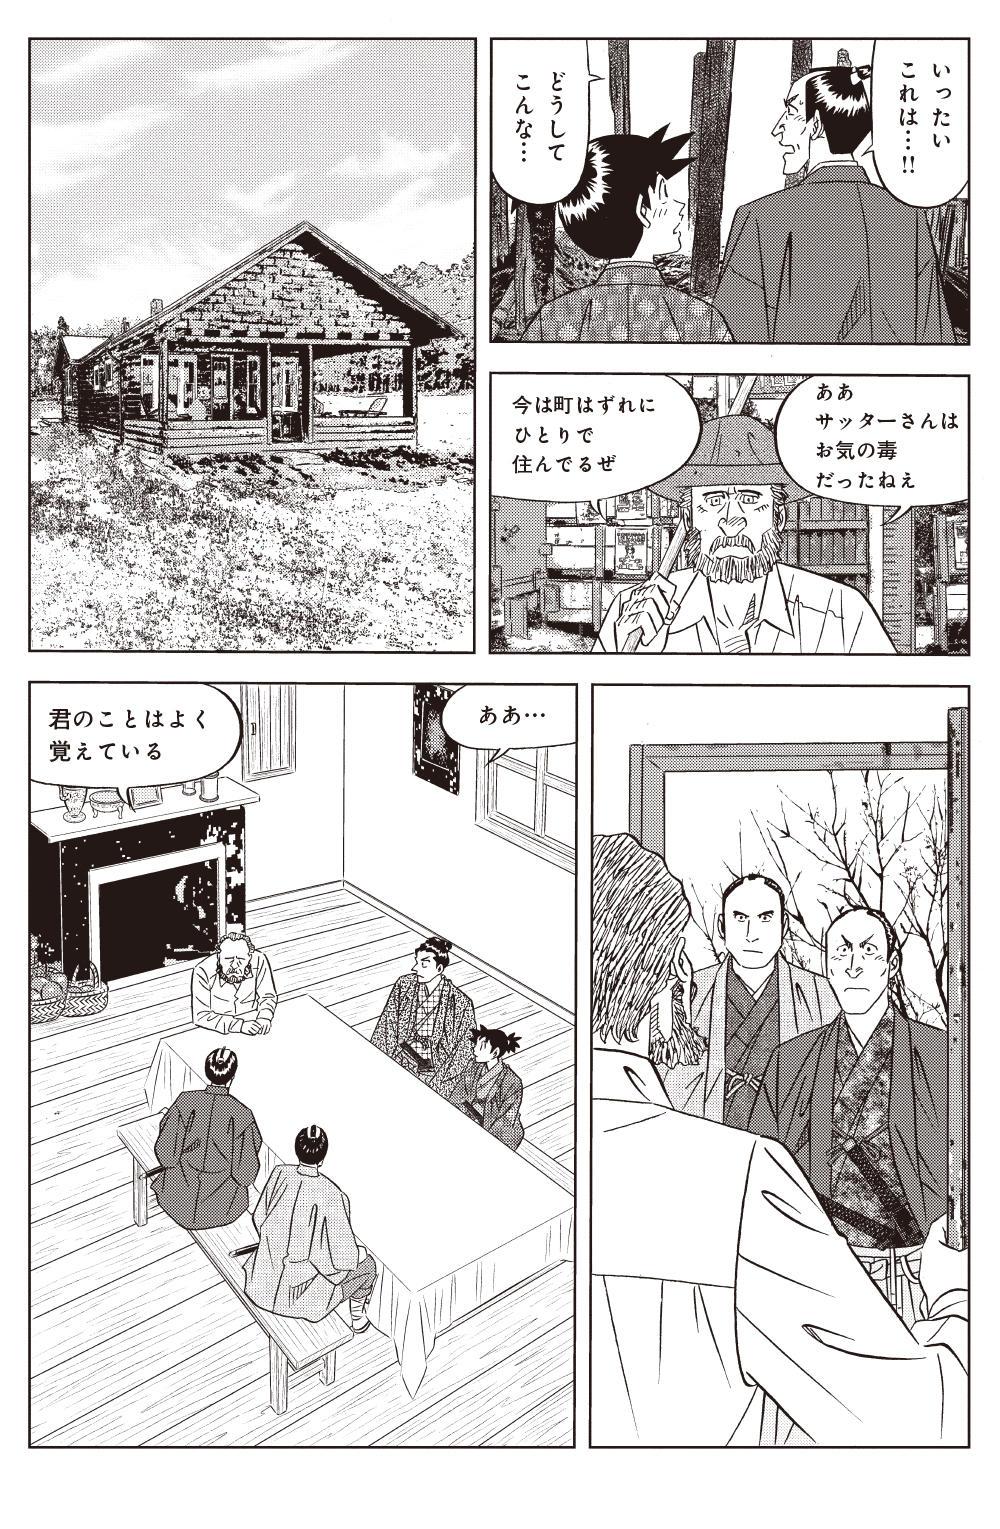 ミスター味っ子 幕末編 第3話「黄金大陸」②ajikko02-92.jpg